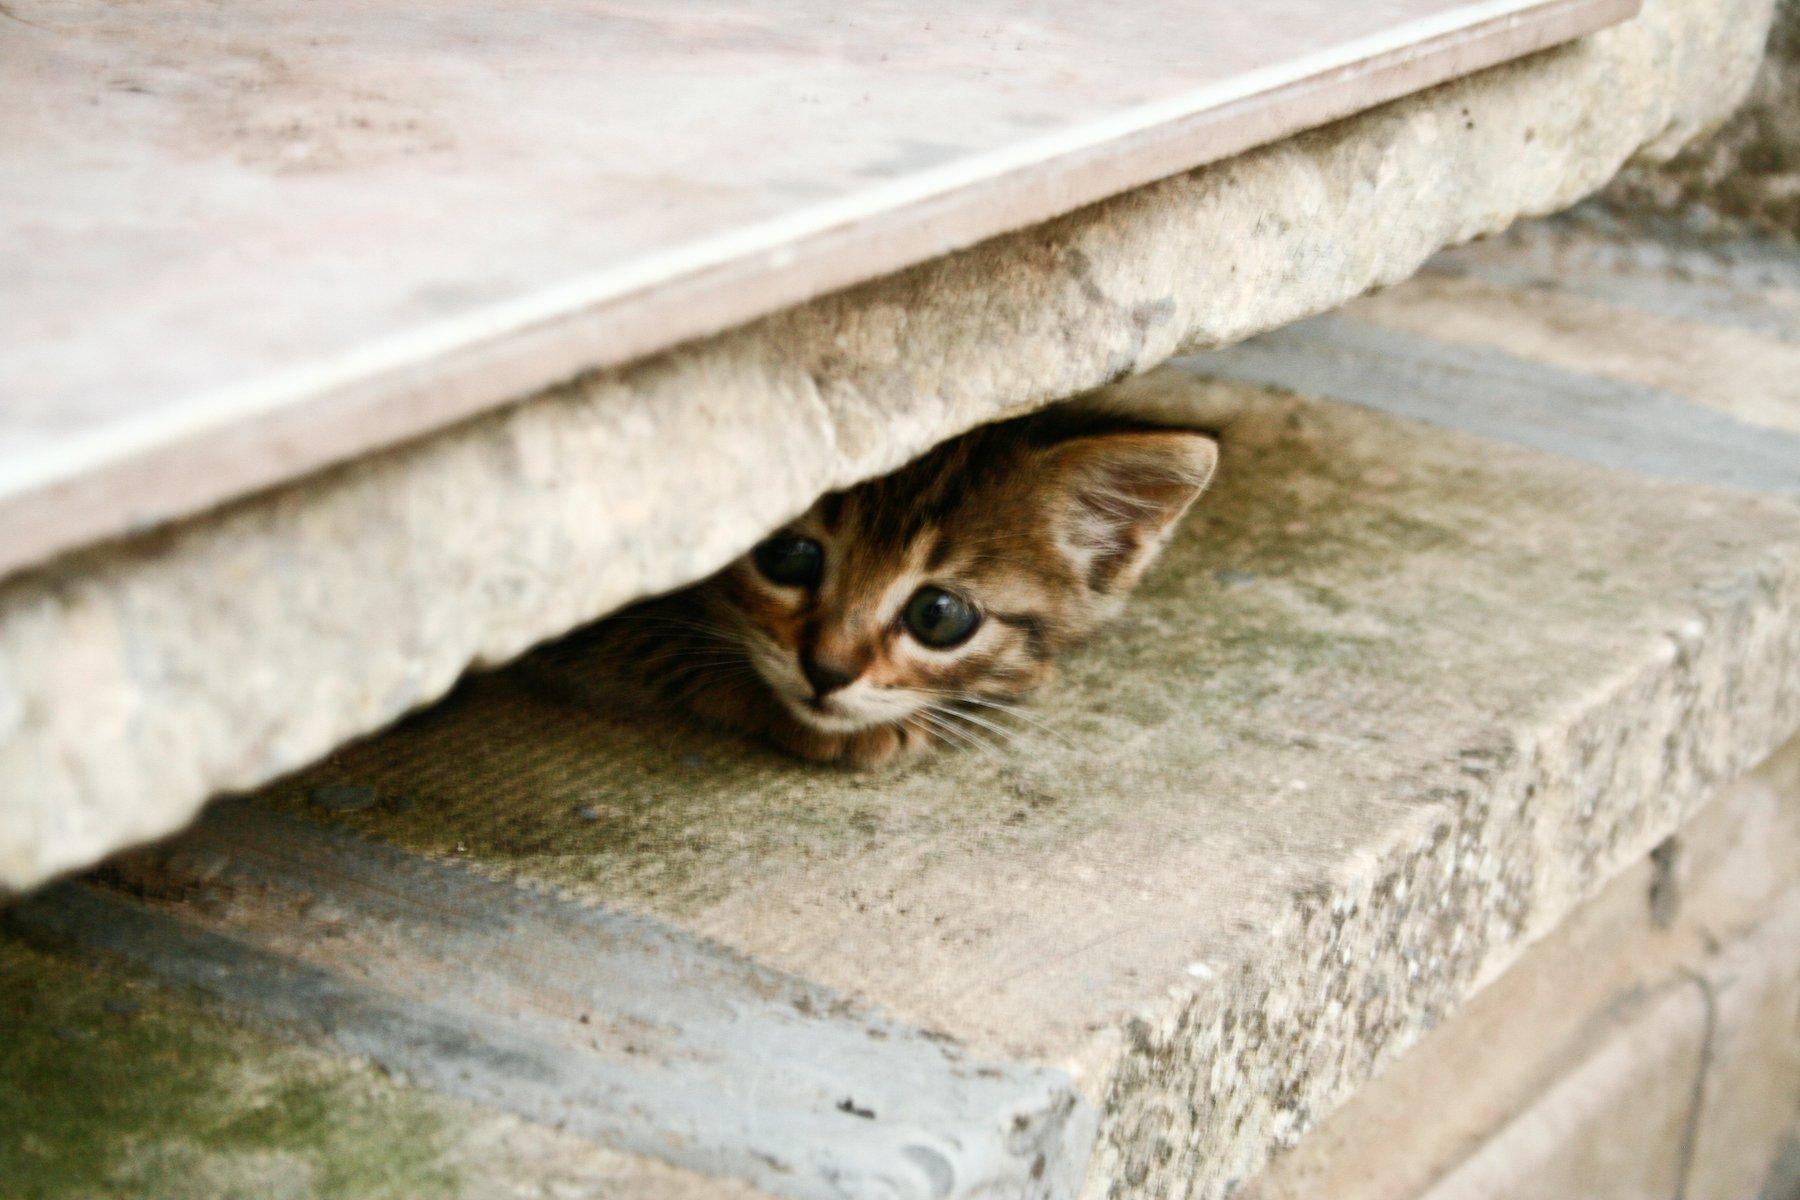 sokaktan kedi sahiplenmek